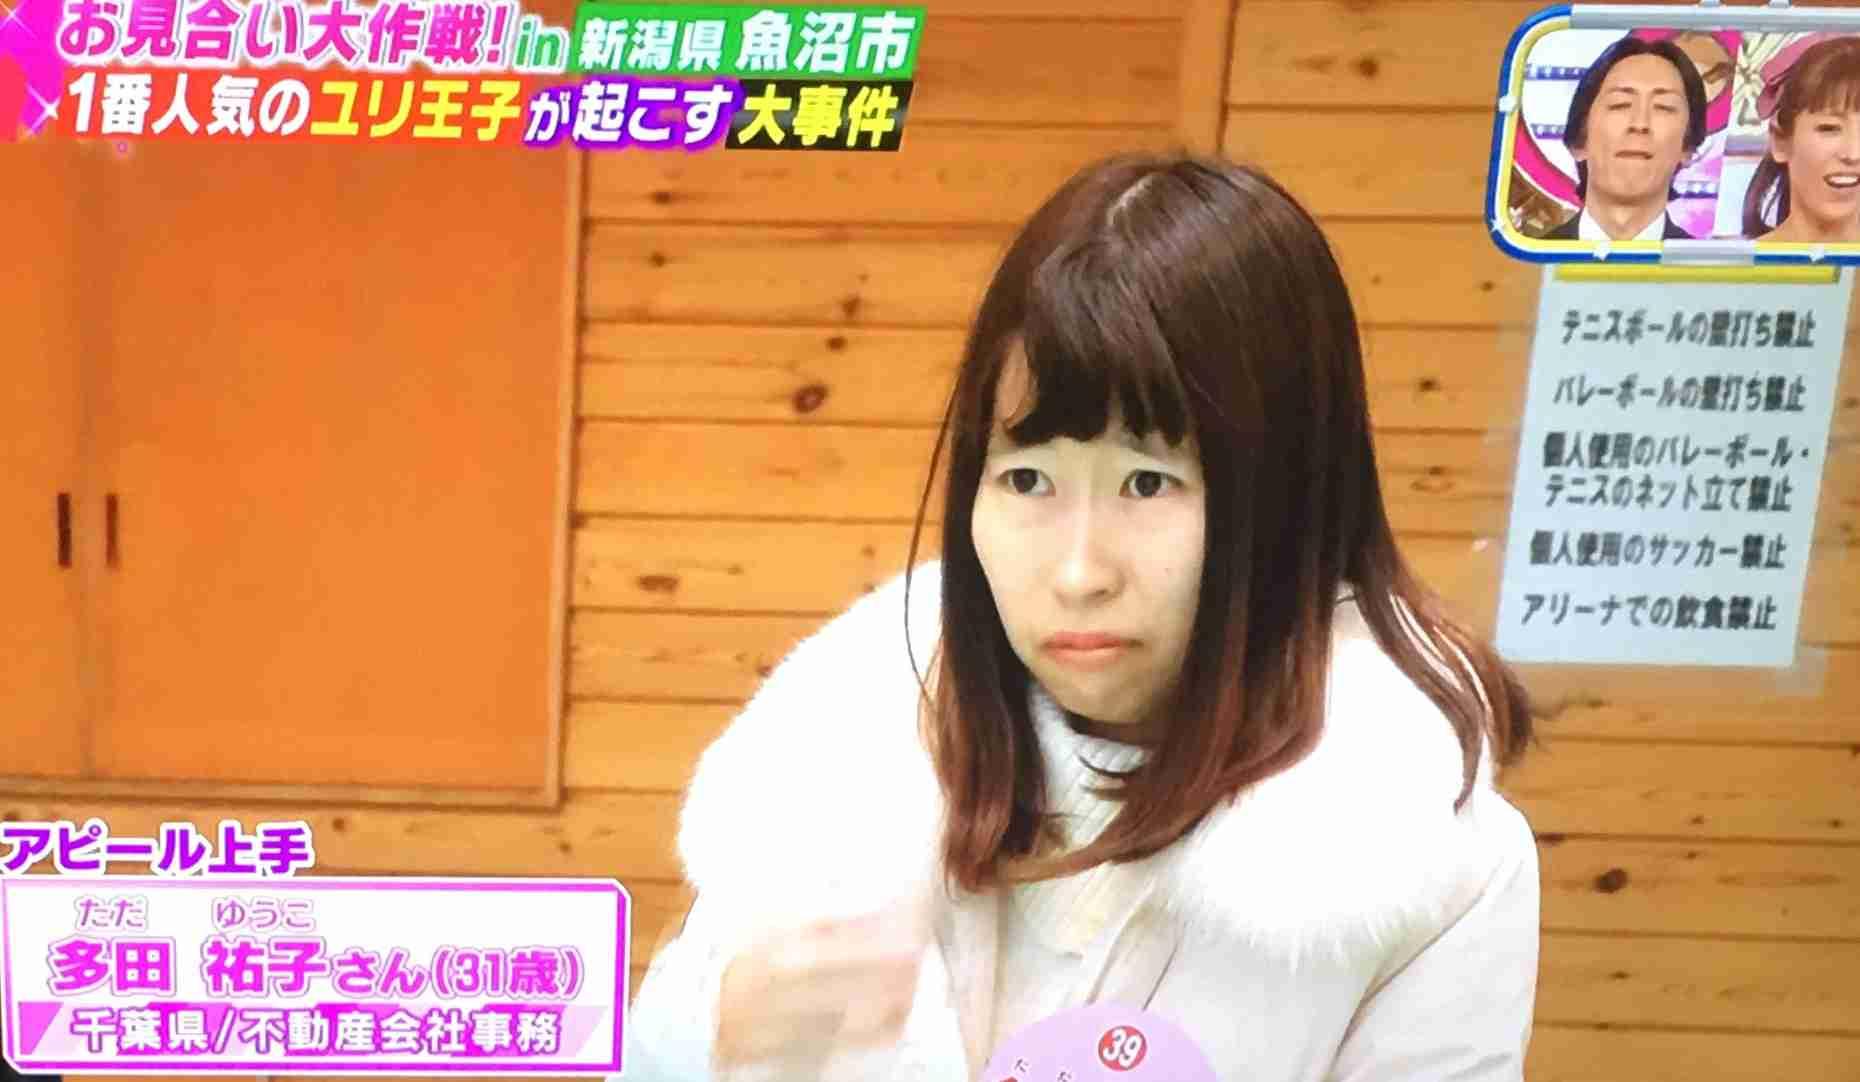 吉岡里帆主演「君が心に棲みついた」初回視聴率は9・4%でスタート